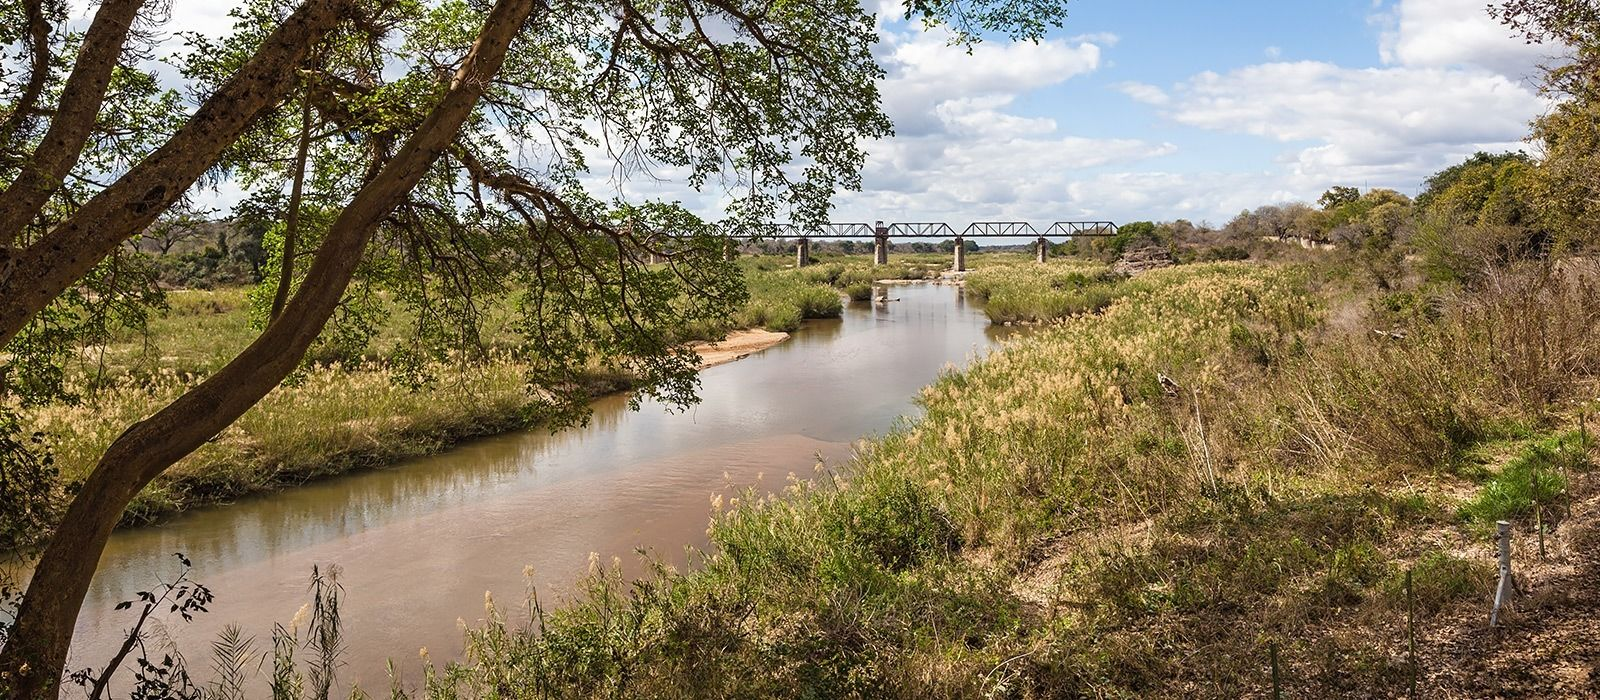 Destination Kruger South Africa